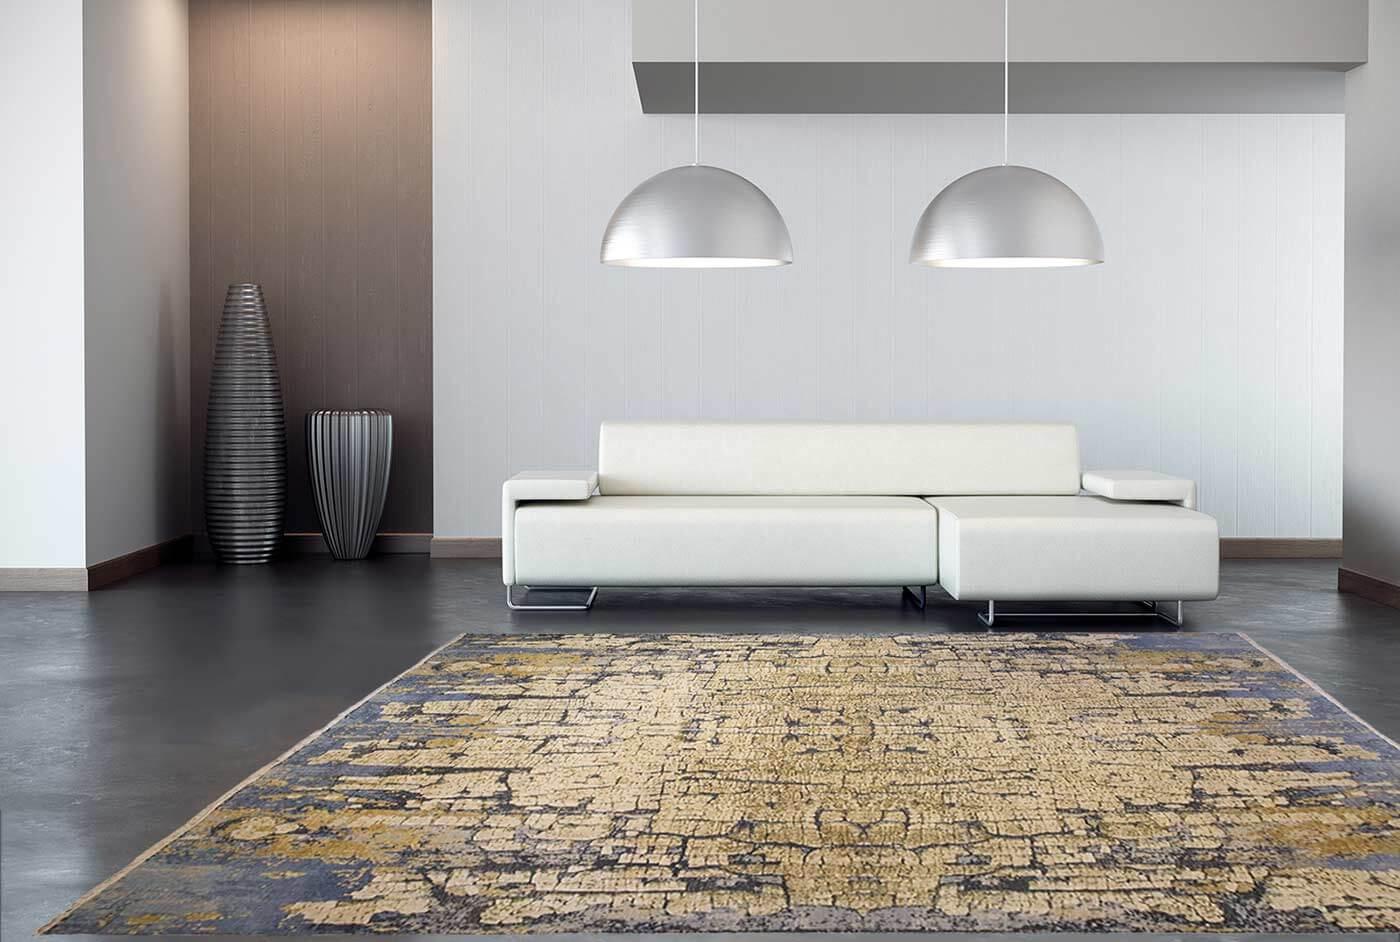 chelsea_design_oxidised_tapijt_moderne_tapijten_koreman_maastricht_305x244_blauw_creme_beige_interieur